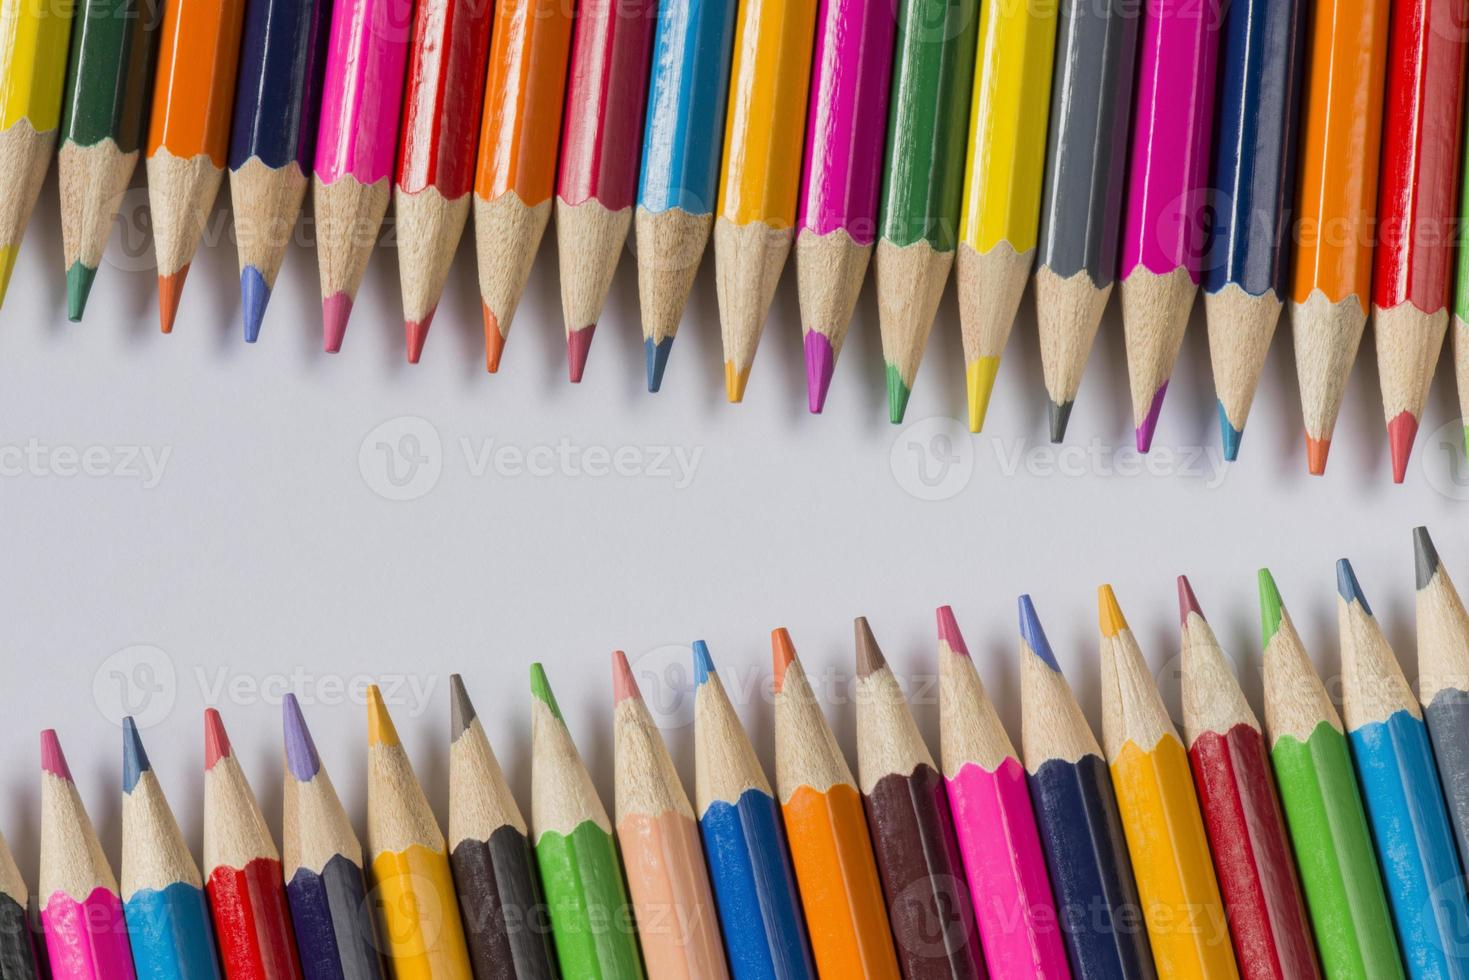 collezione di matite colorate in legno. foto